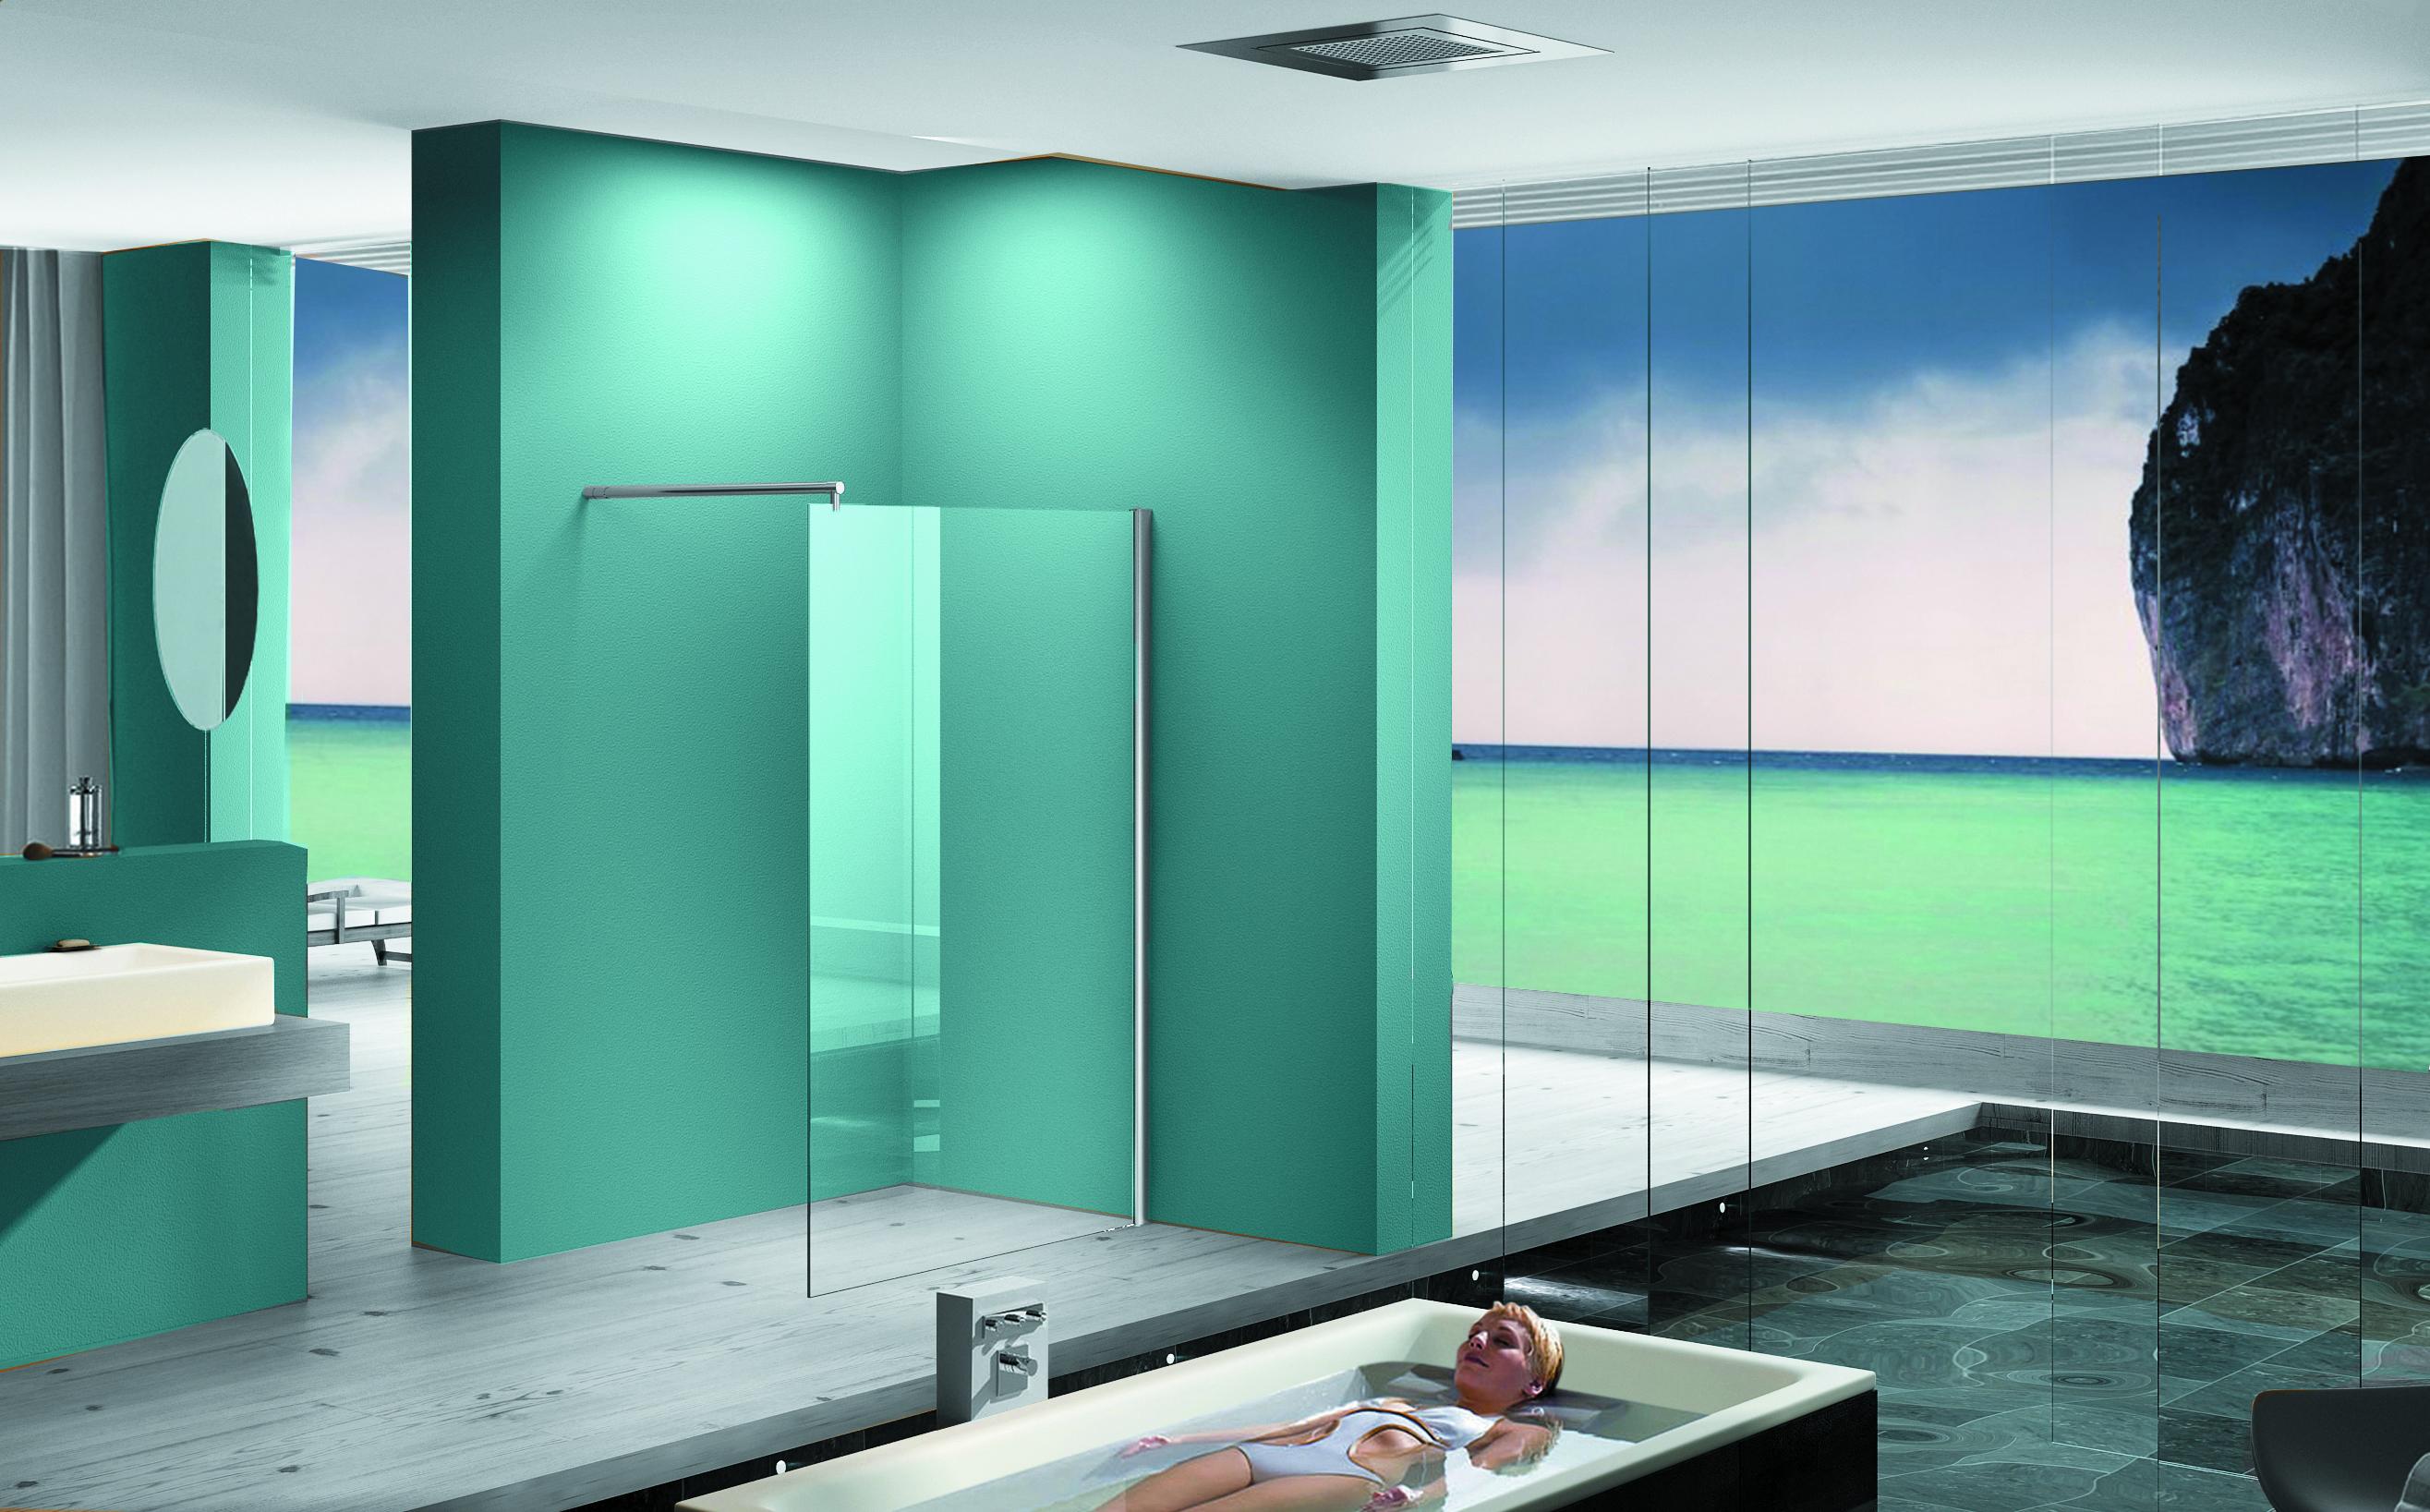 Goedkope Complete Badkamer : Culemborg goedkope badkamer pagie bad tegeldesign